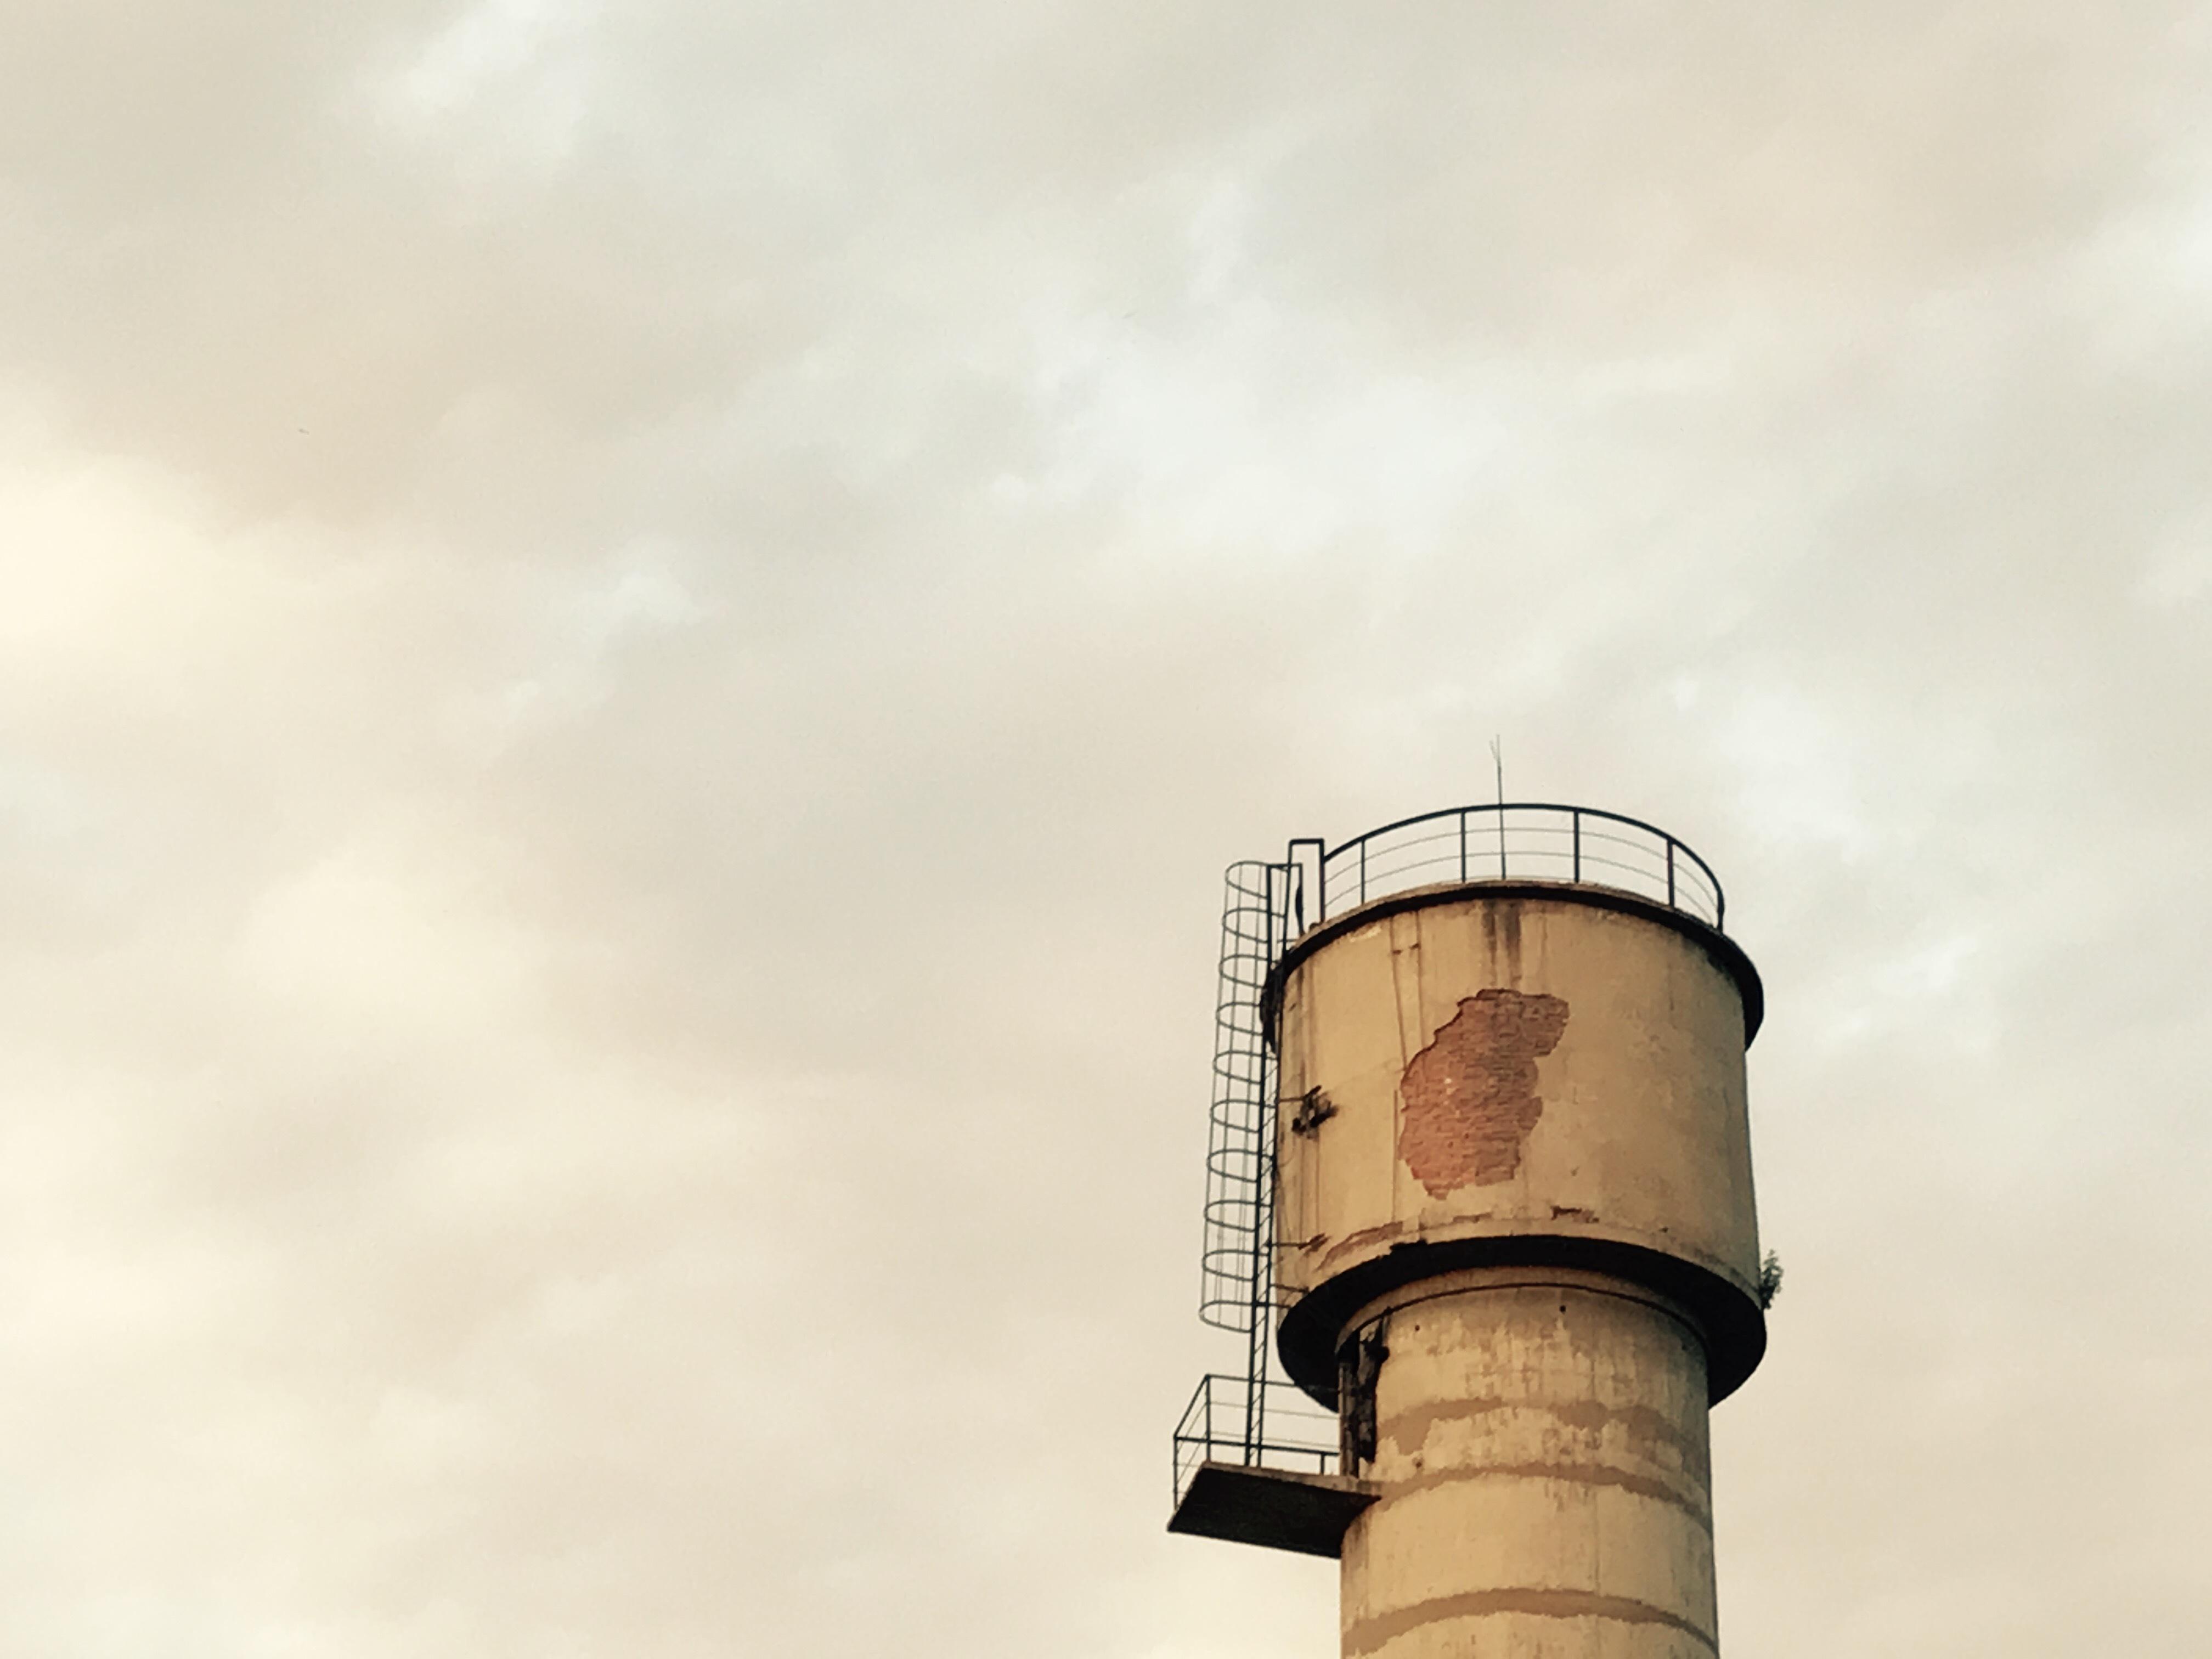 涨!钢厂大涨120!期螺突破4300创新高,钢价顶在哪里?